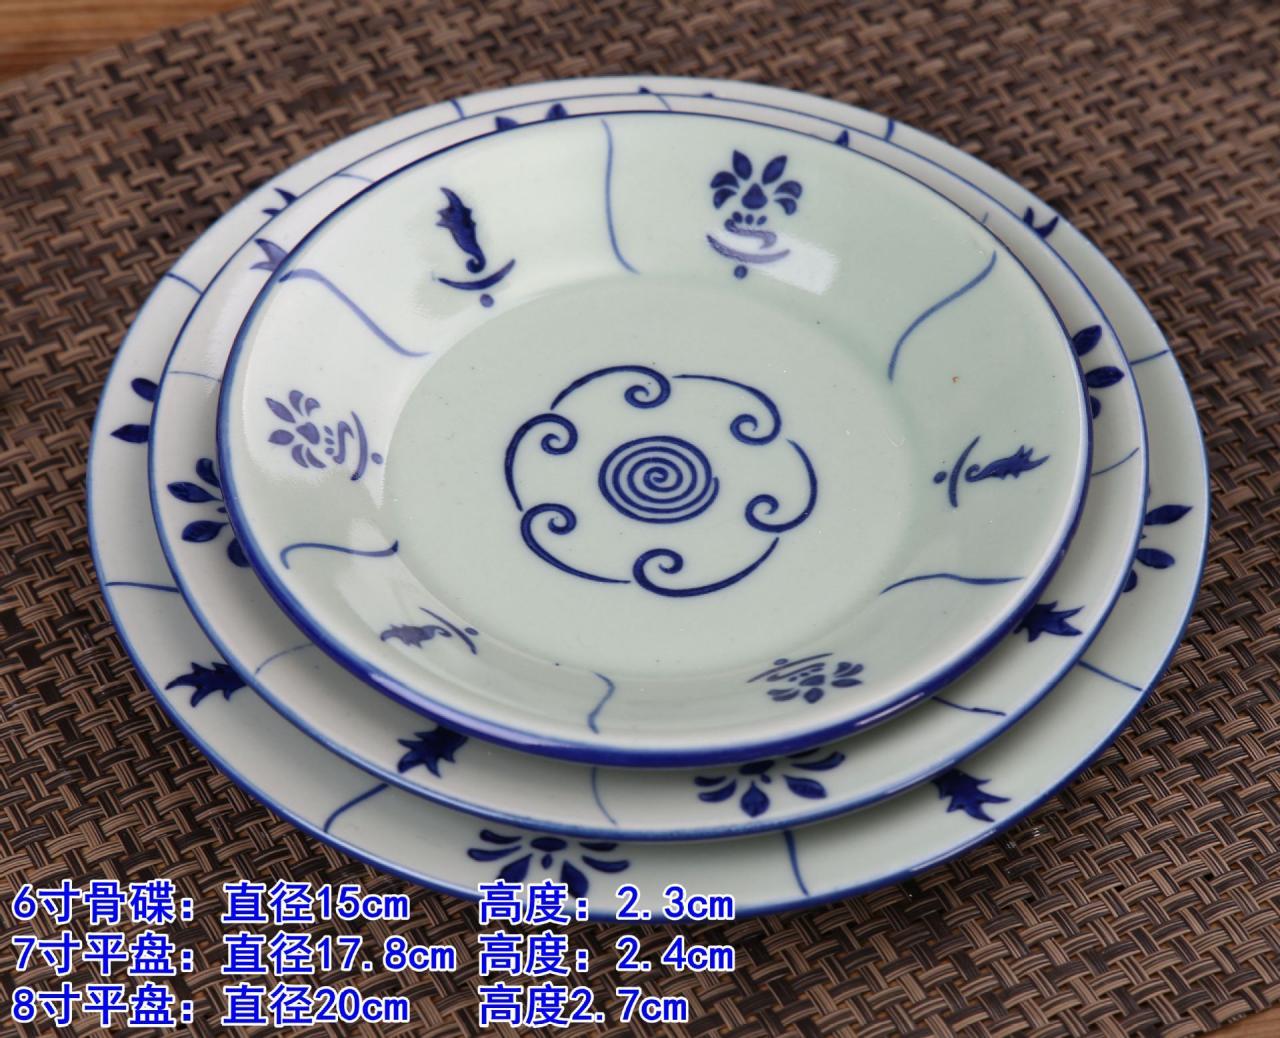 餐具系列新款复古青瓷奎斗系列尺寸介绍